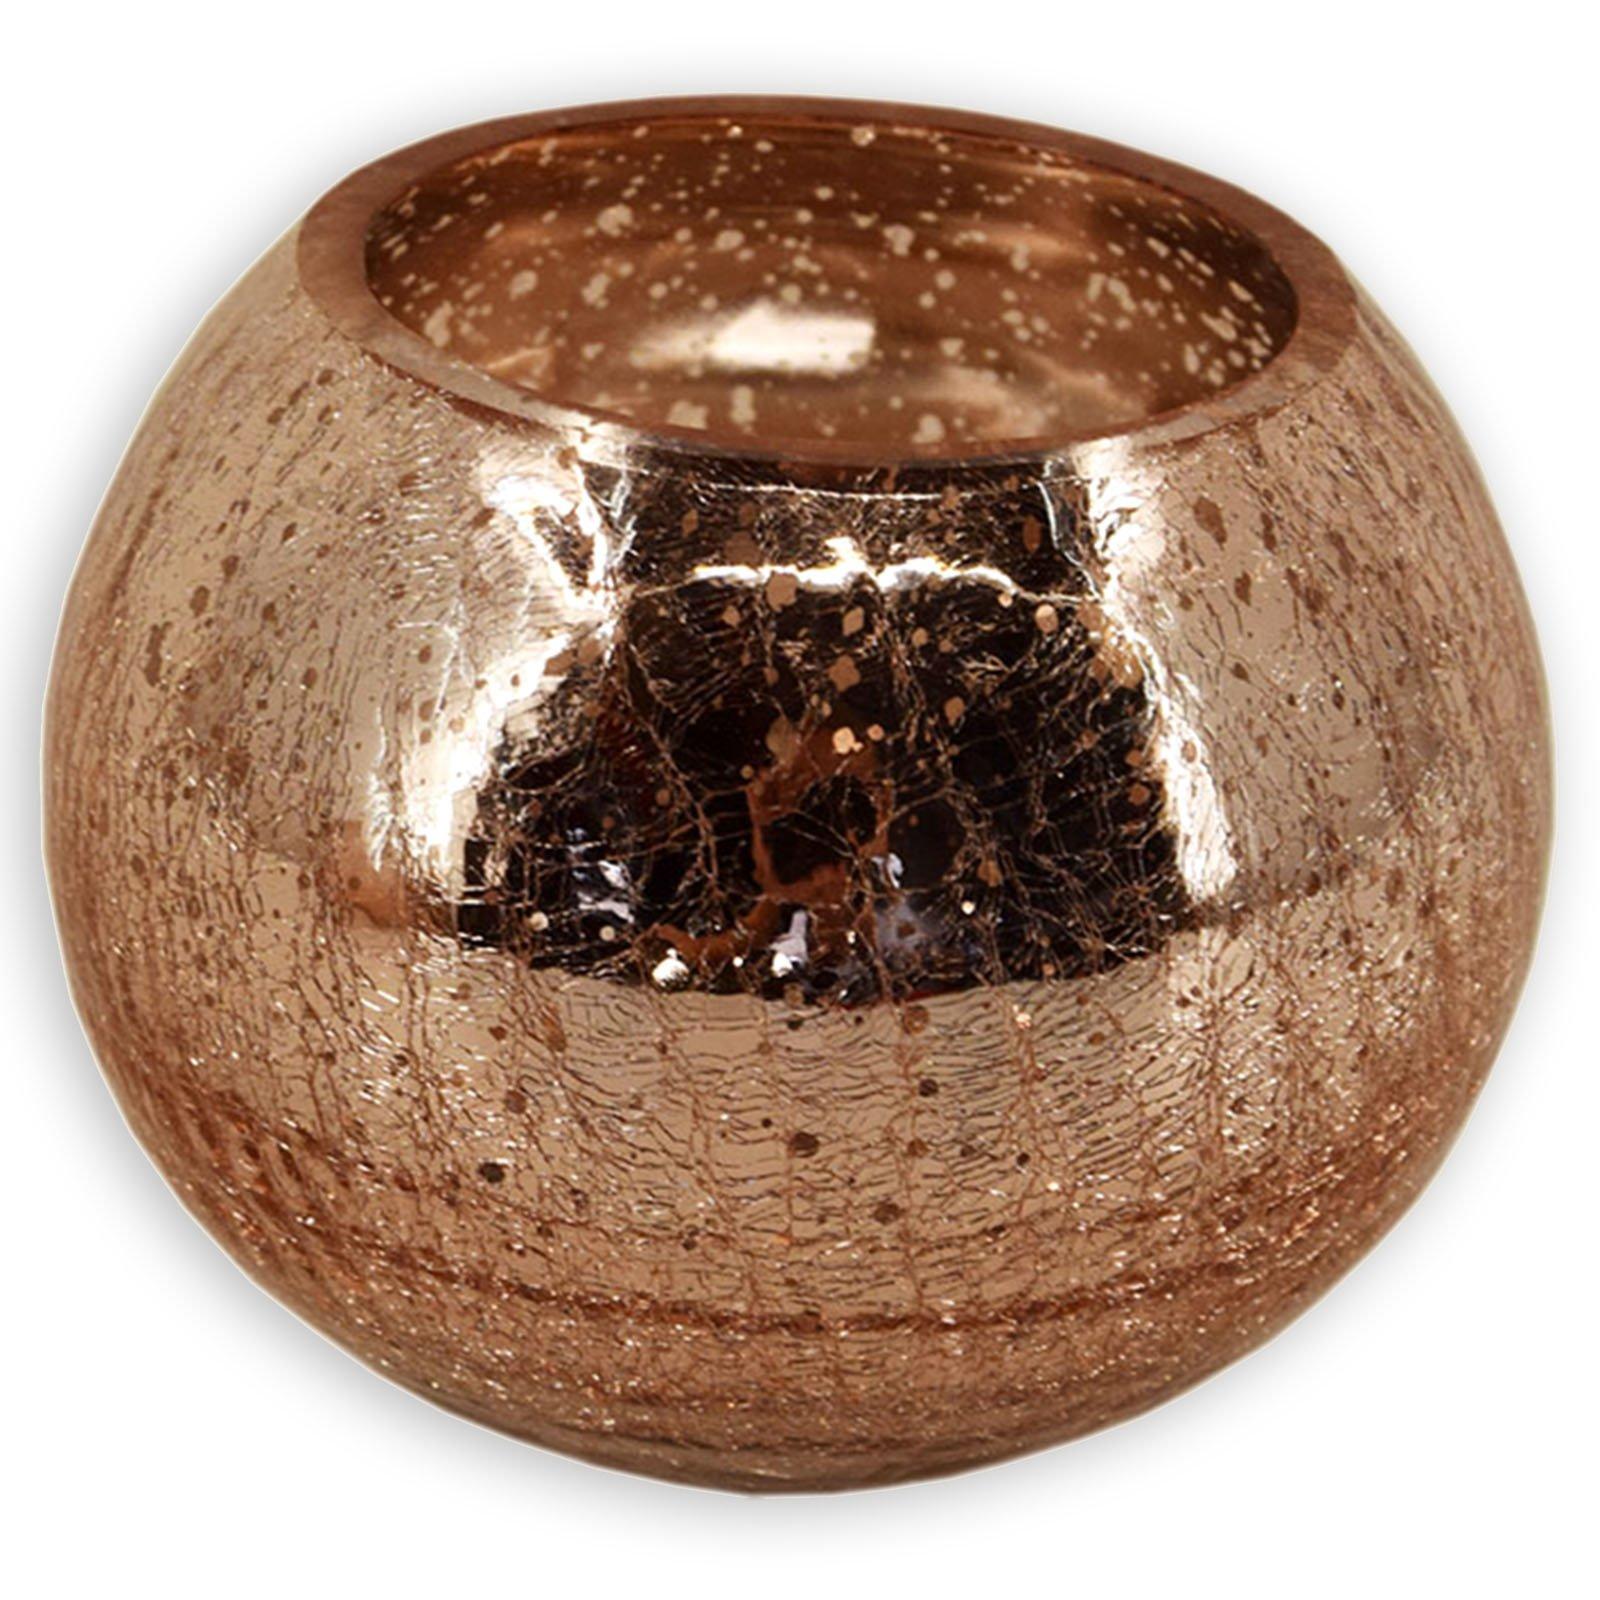 Windlichtglas - kupfer - Kugel - 20 cm